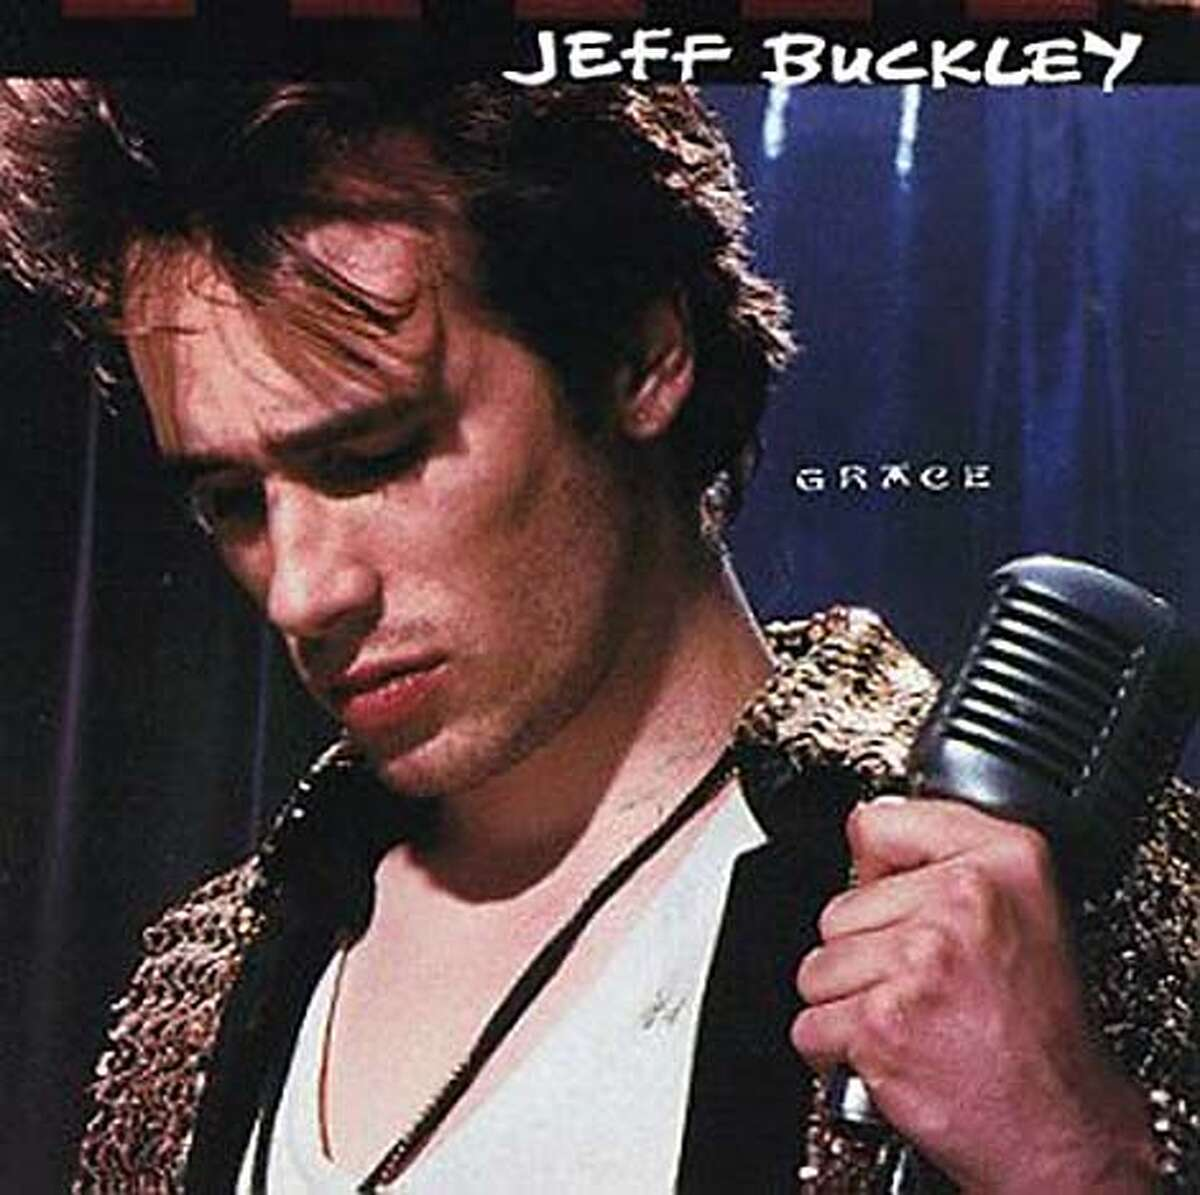 Jeff Buckley's